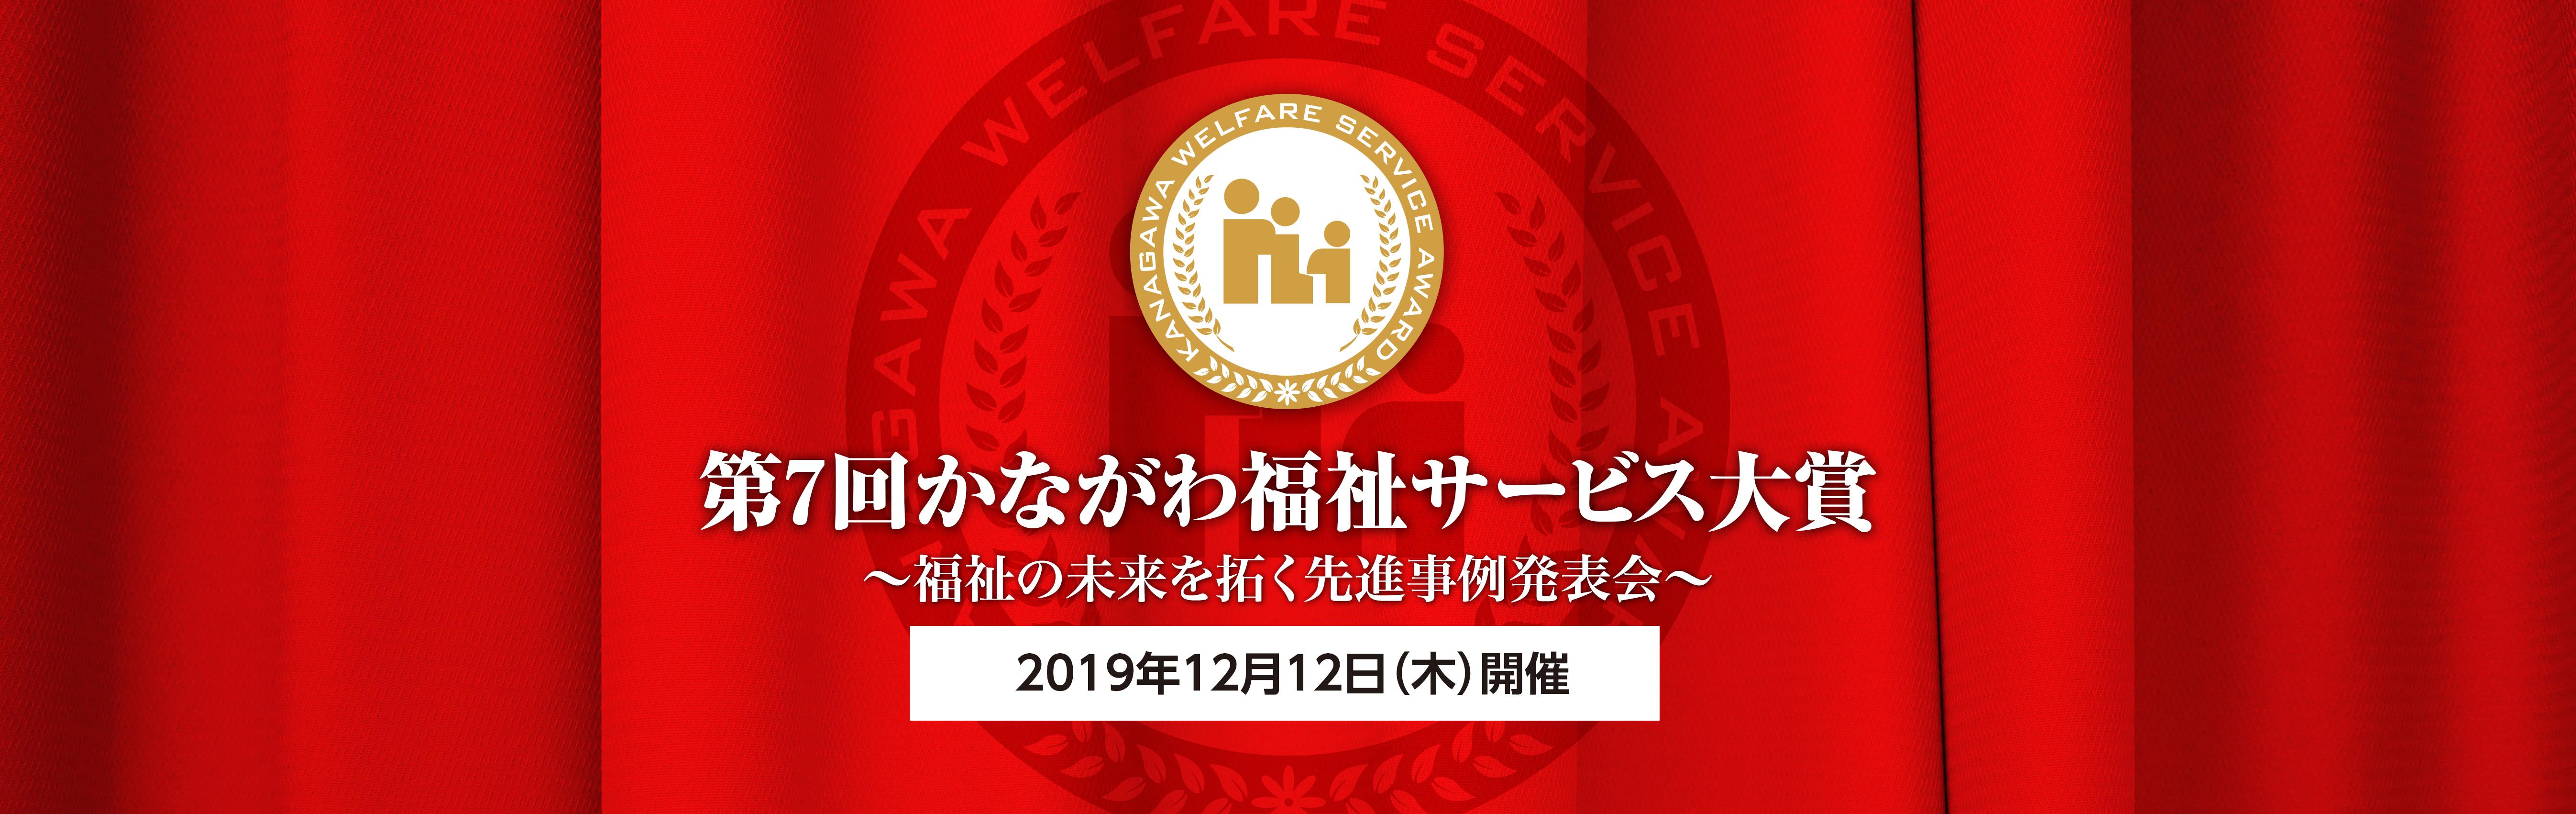 第7回かながわ福祉サービス大賞~福祉の未来を拓く先進事例発表会~2019年12月12日(木)開催